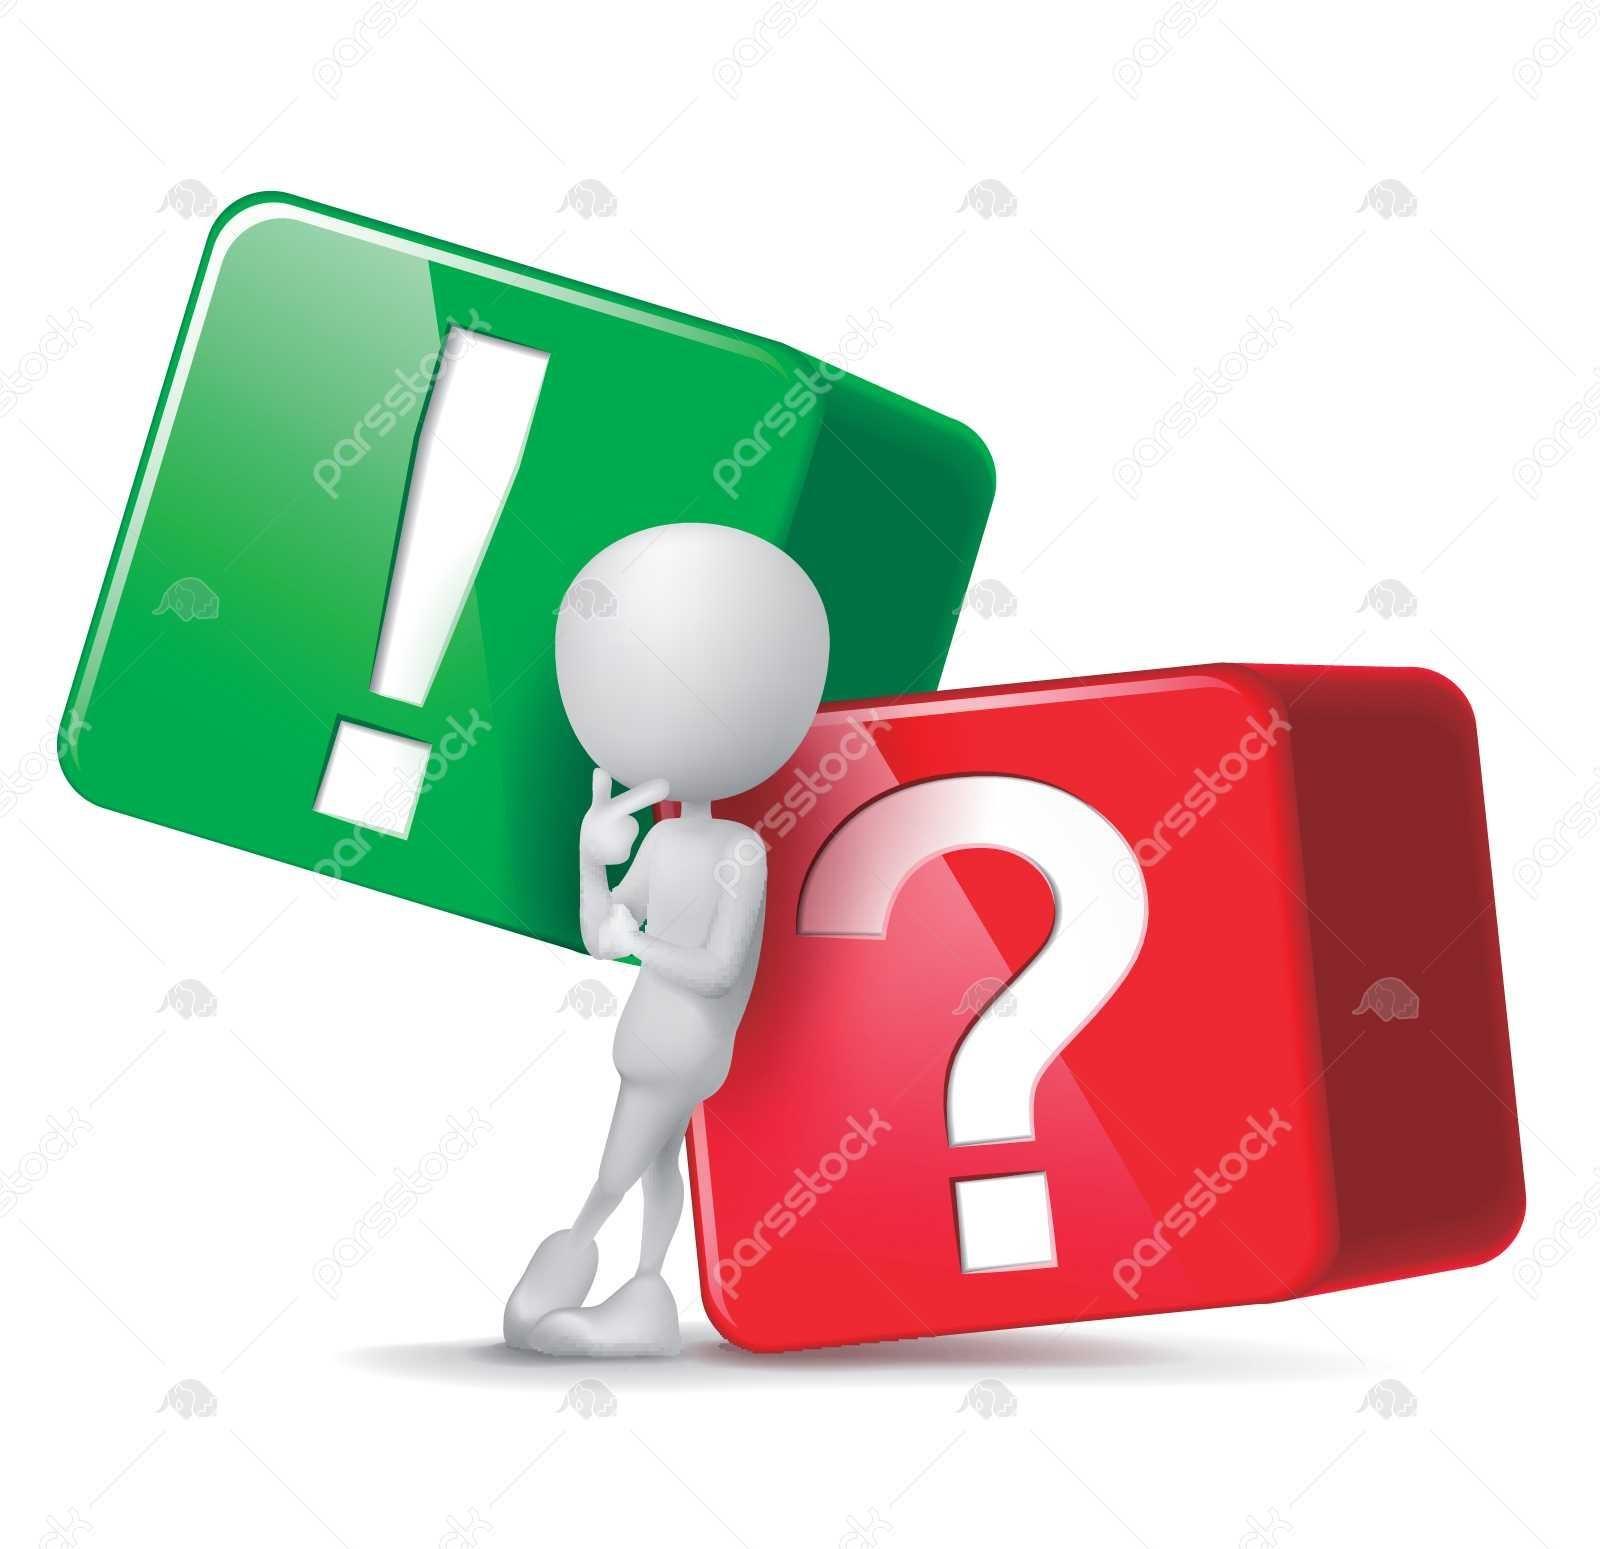 آقای استاندار ورود کند / لزوم ایجاد تغییر و تحول در ورزش مازندران بدون فشار سیاسیون!